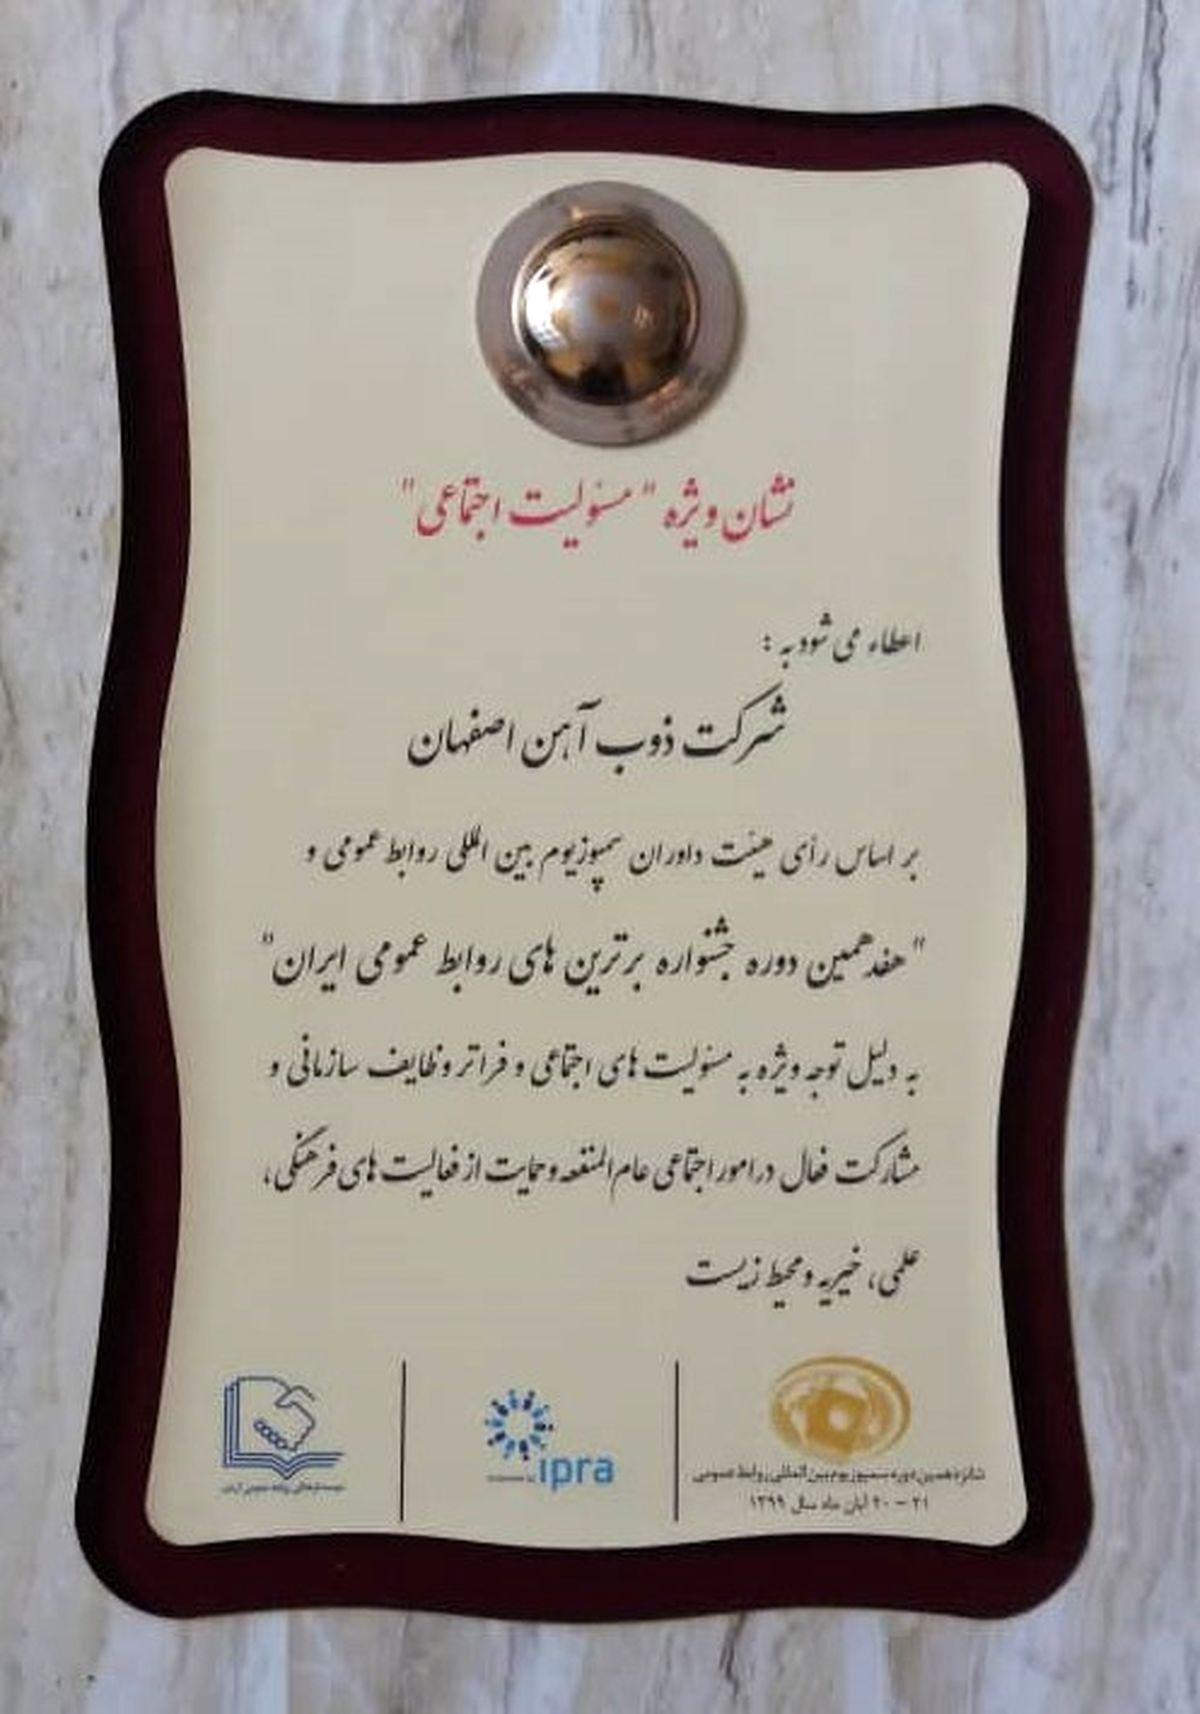 ذوب آهن اصفهان نشان ویژه مسئولیت اجتماعی را کسب نمود